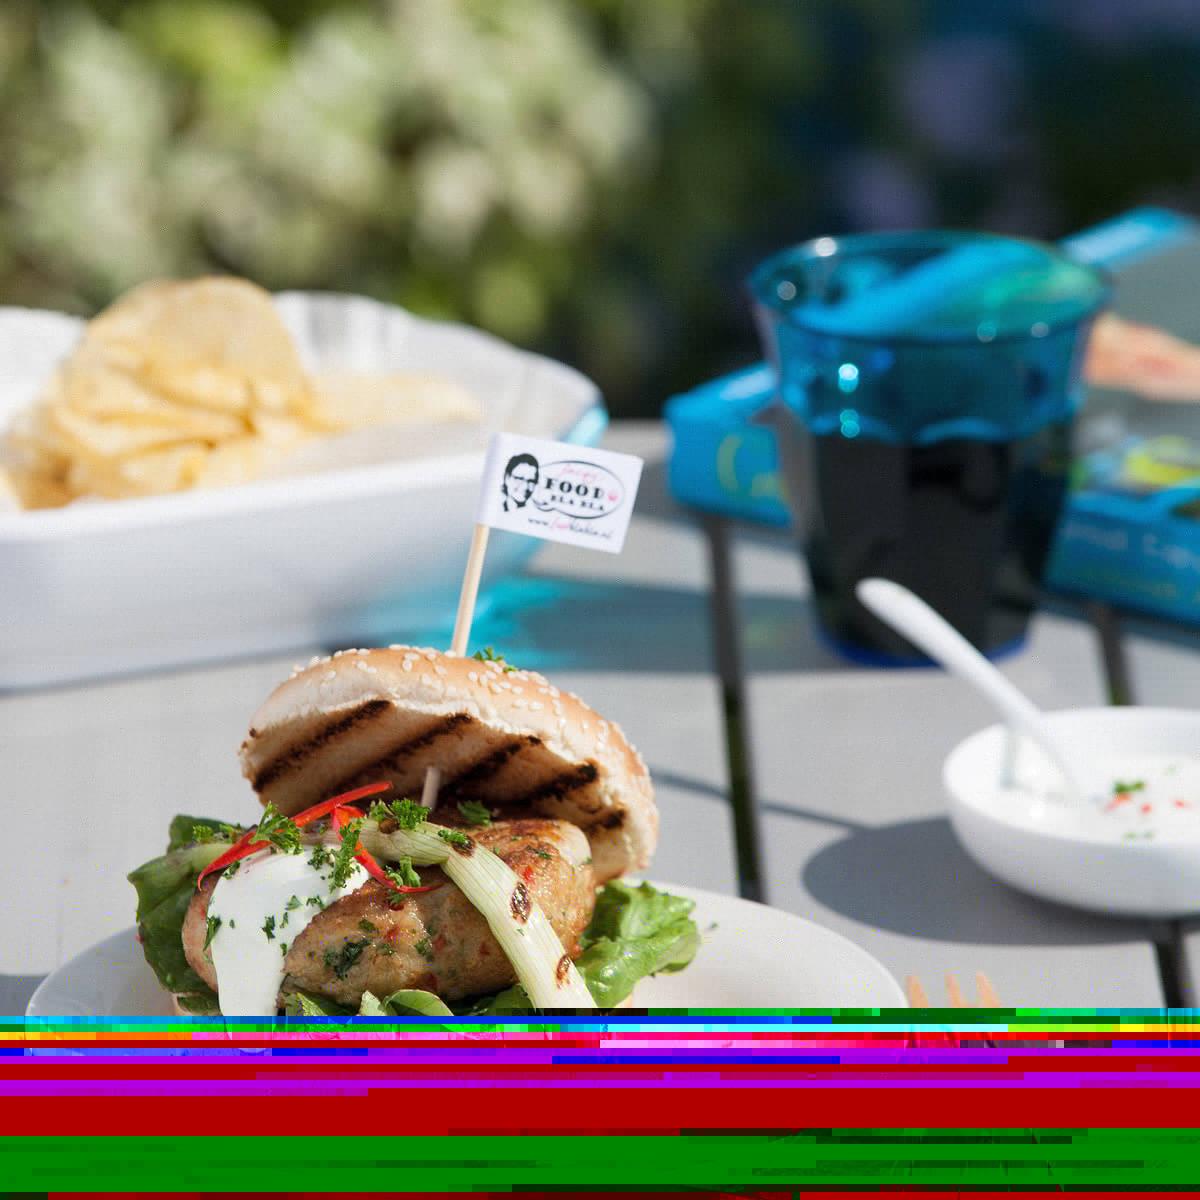 Oriëntaalse visburger, FoodBlaBla | styling en koken door Jacqueline Sluijter | fotografie door Sander Damen